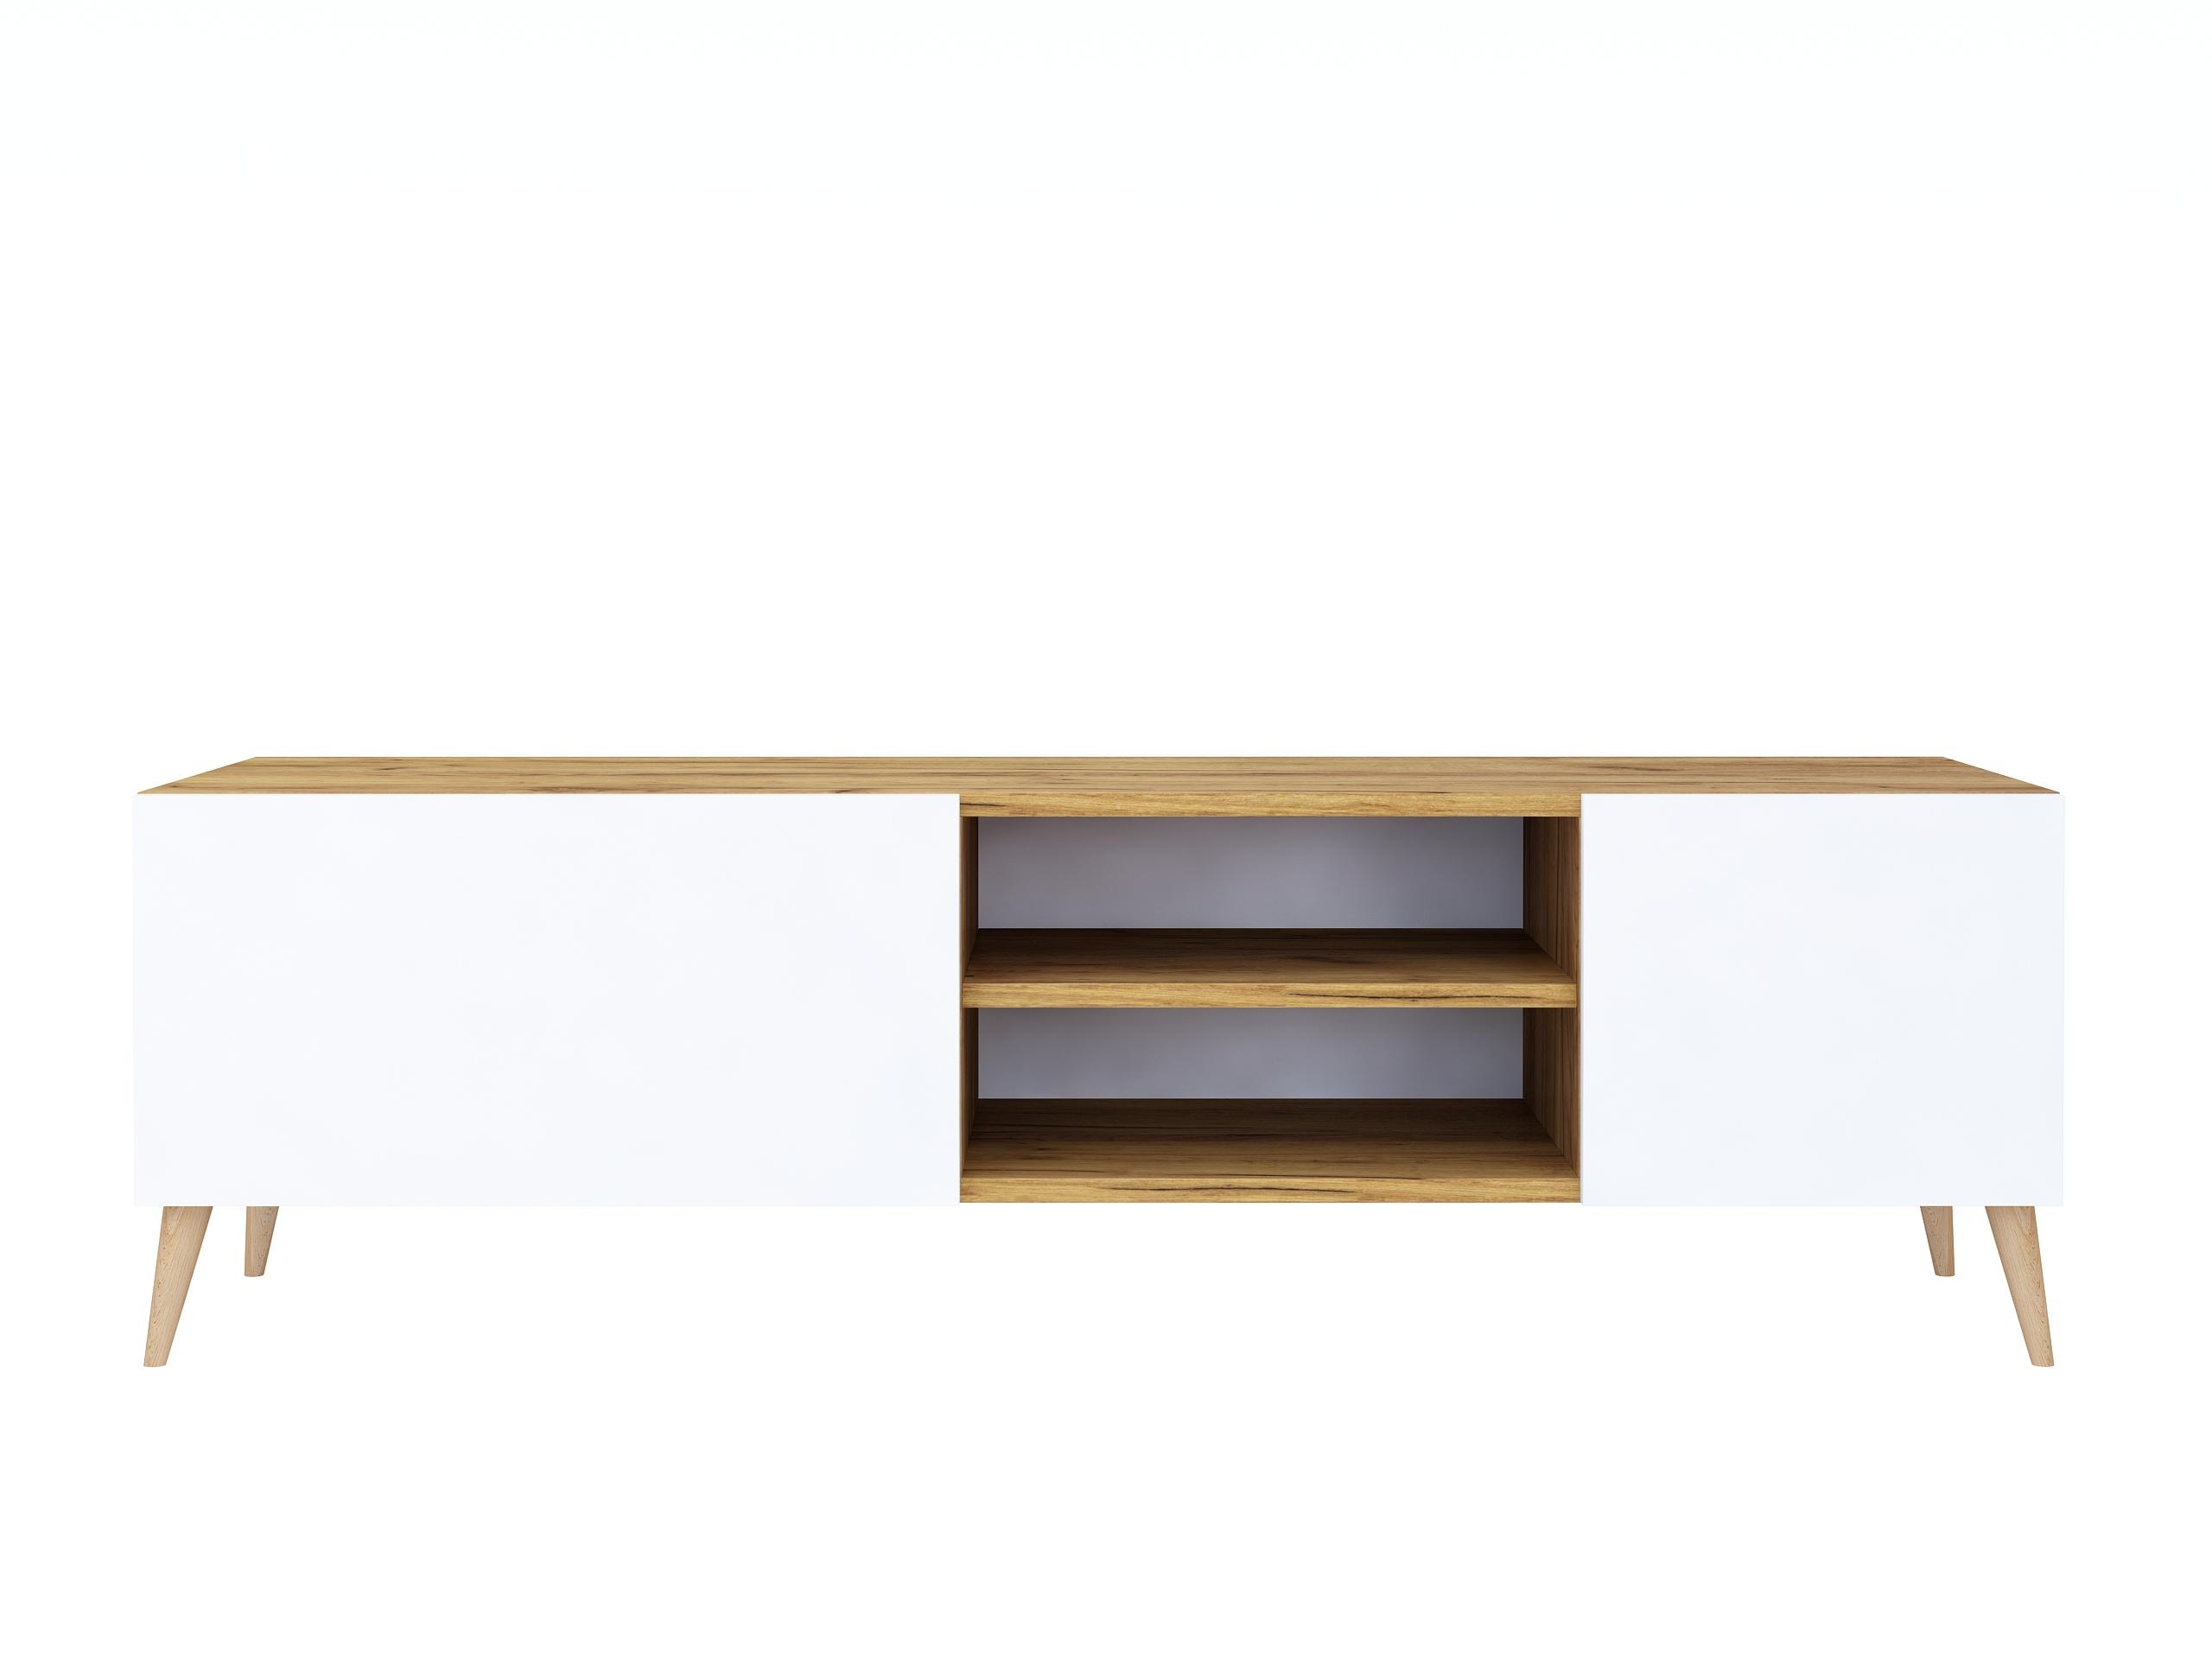 Szafka rtv Scandi Galicja2, 140 cm, dąb złoty i biały mat